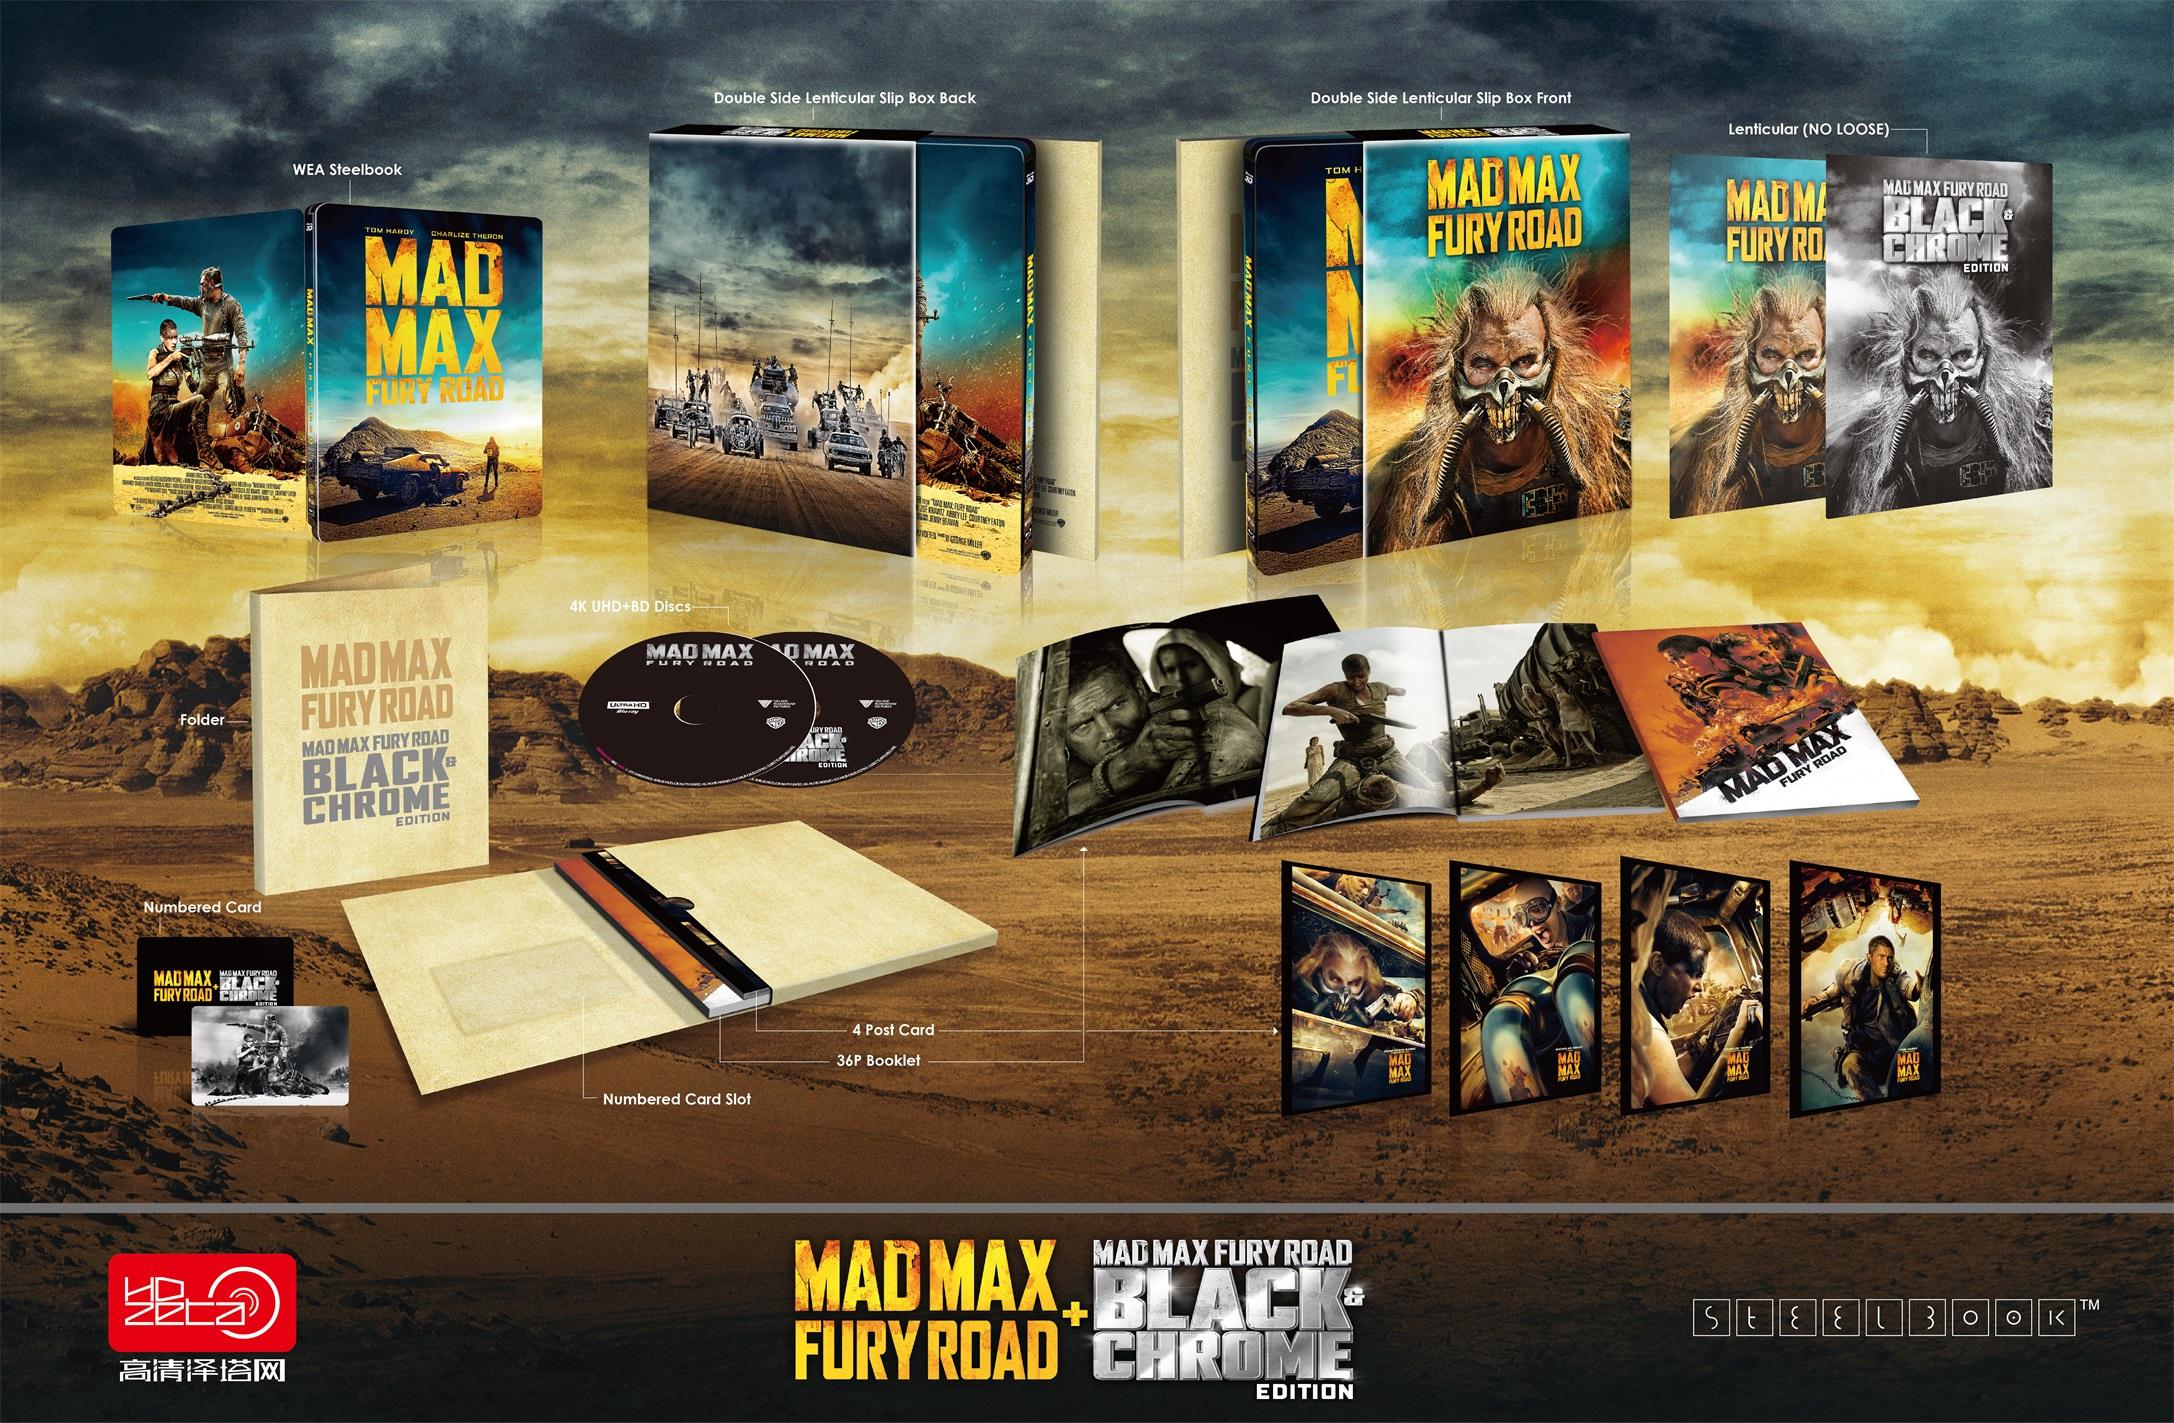 マッドマックス 怒りのデス・ロード <ブラック&クローム>エディション Madmax HDZeta スチールブック仕様